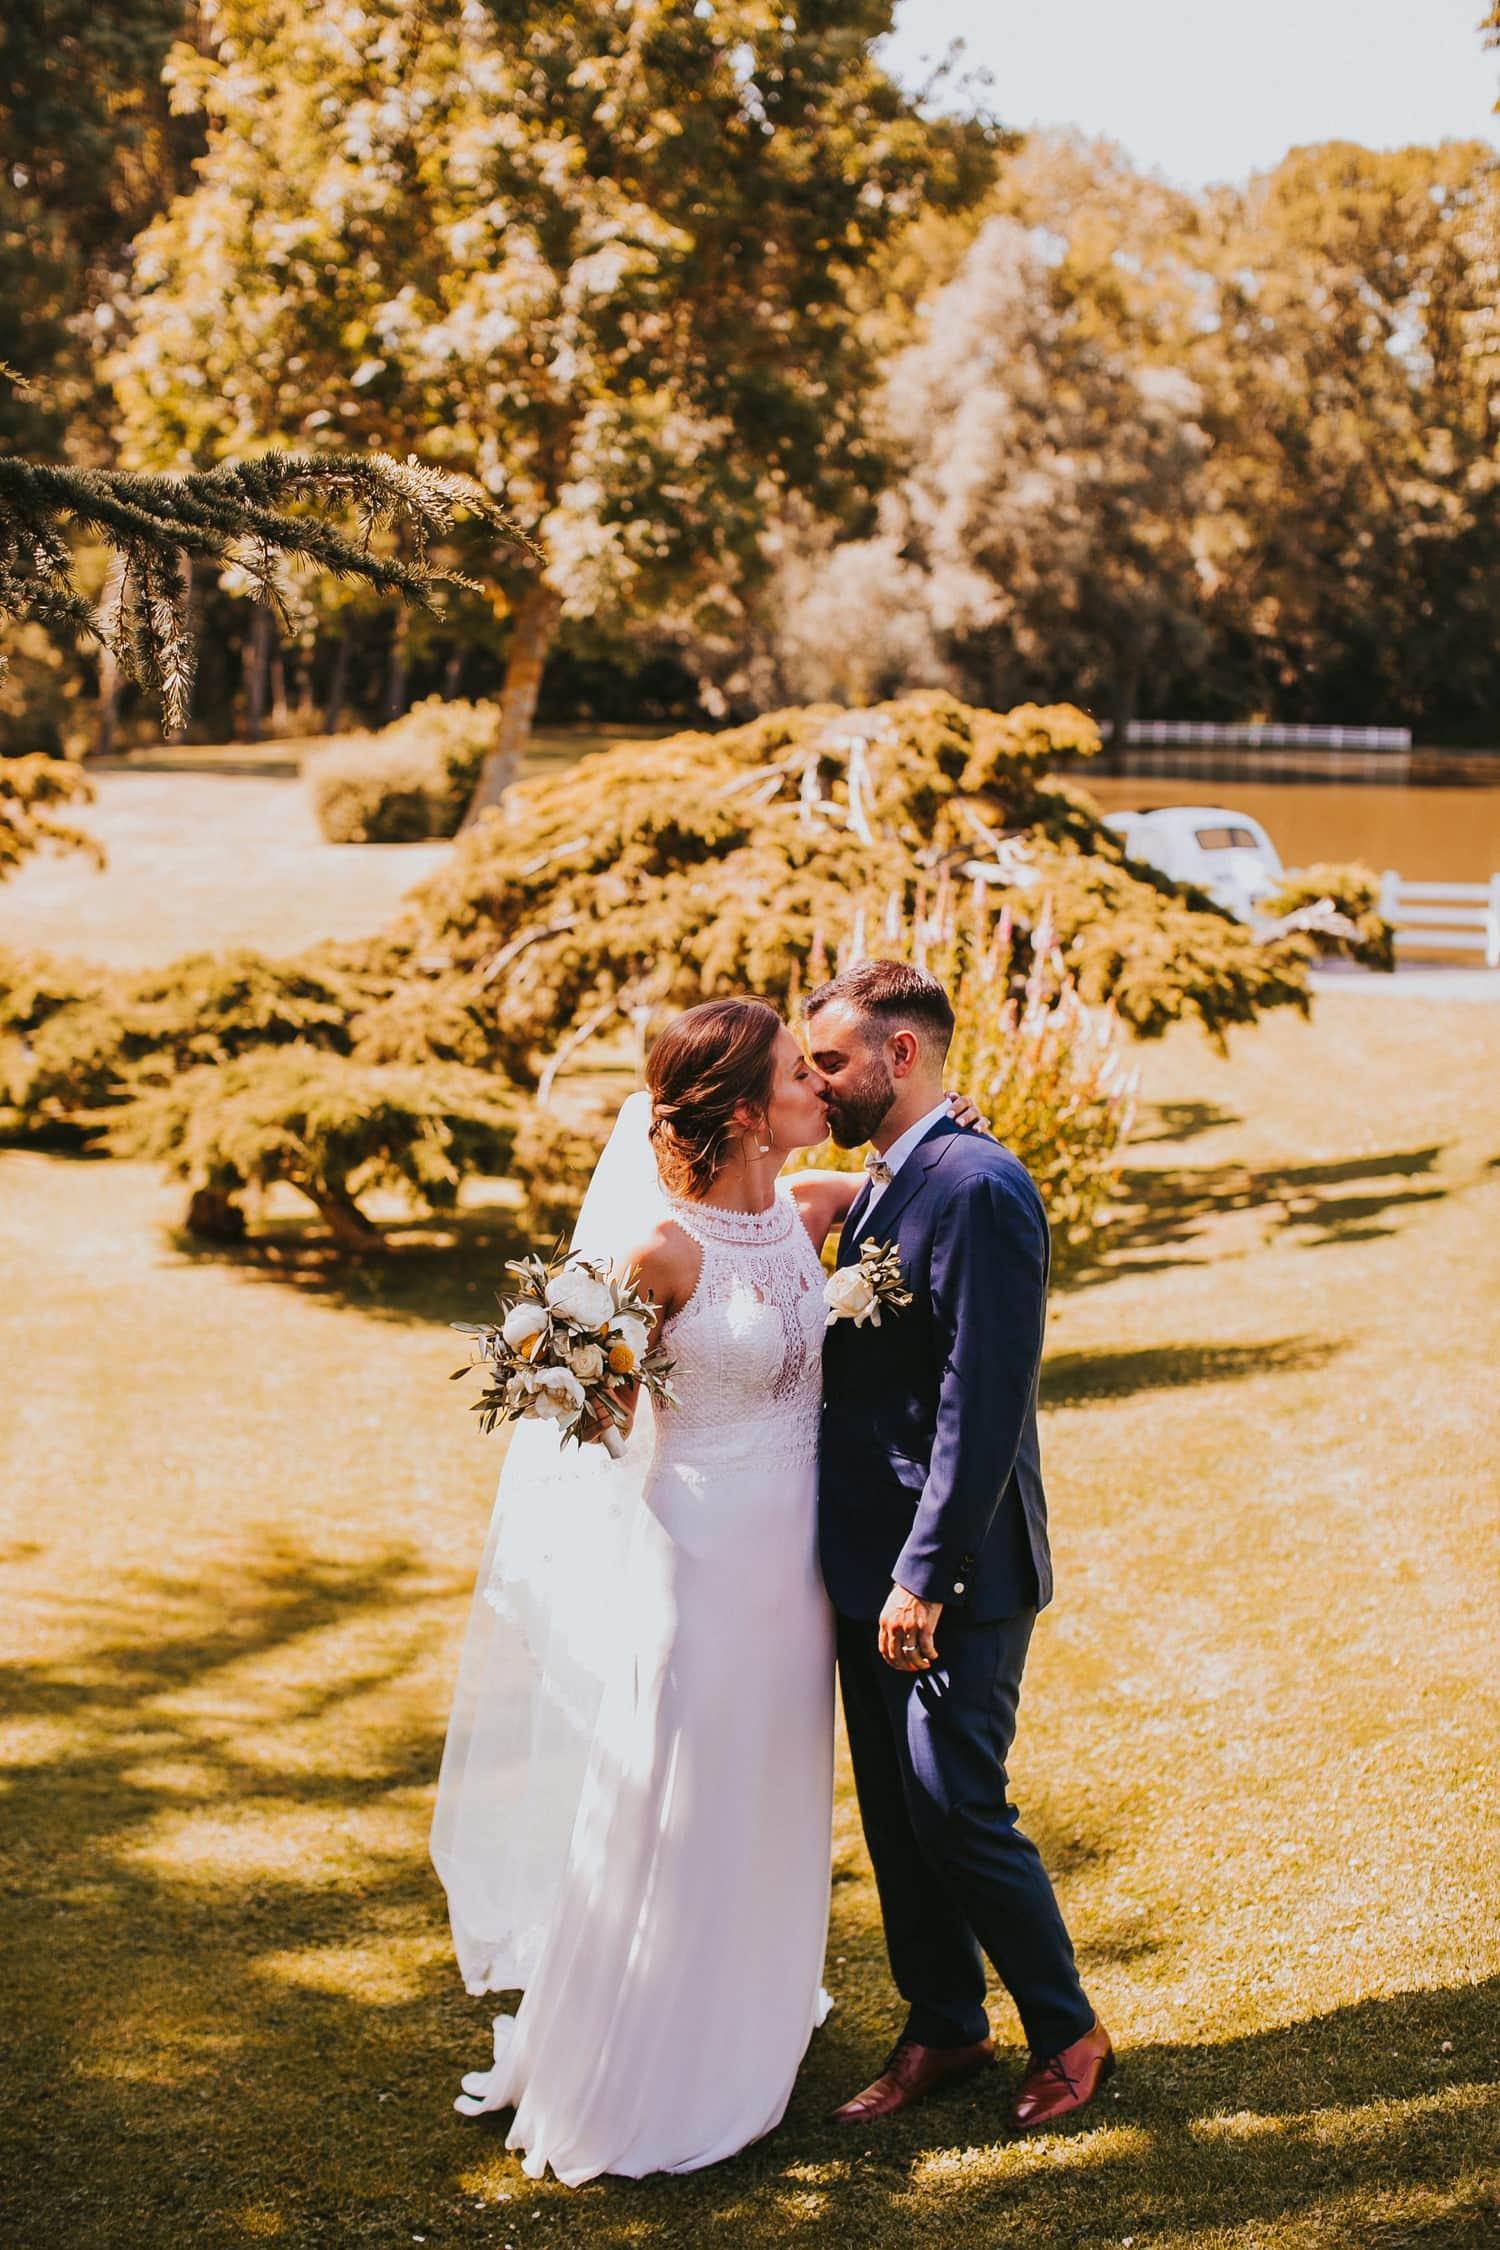 photographe mariage domaine de la chanterelle 53